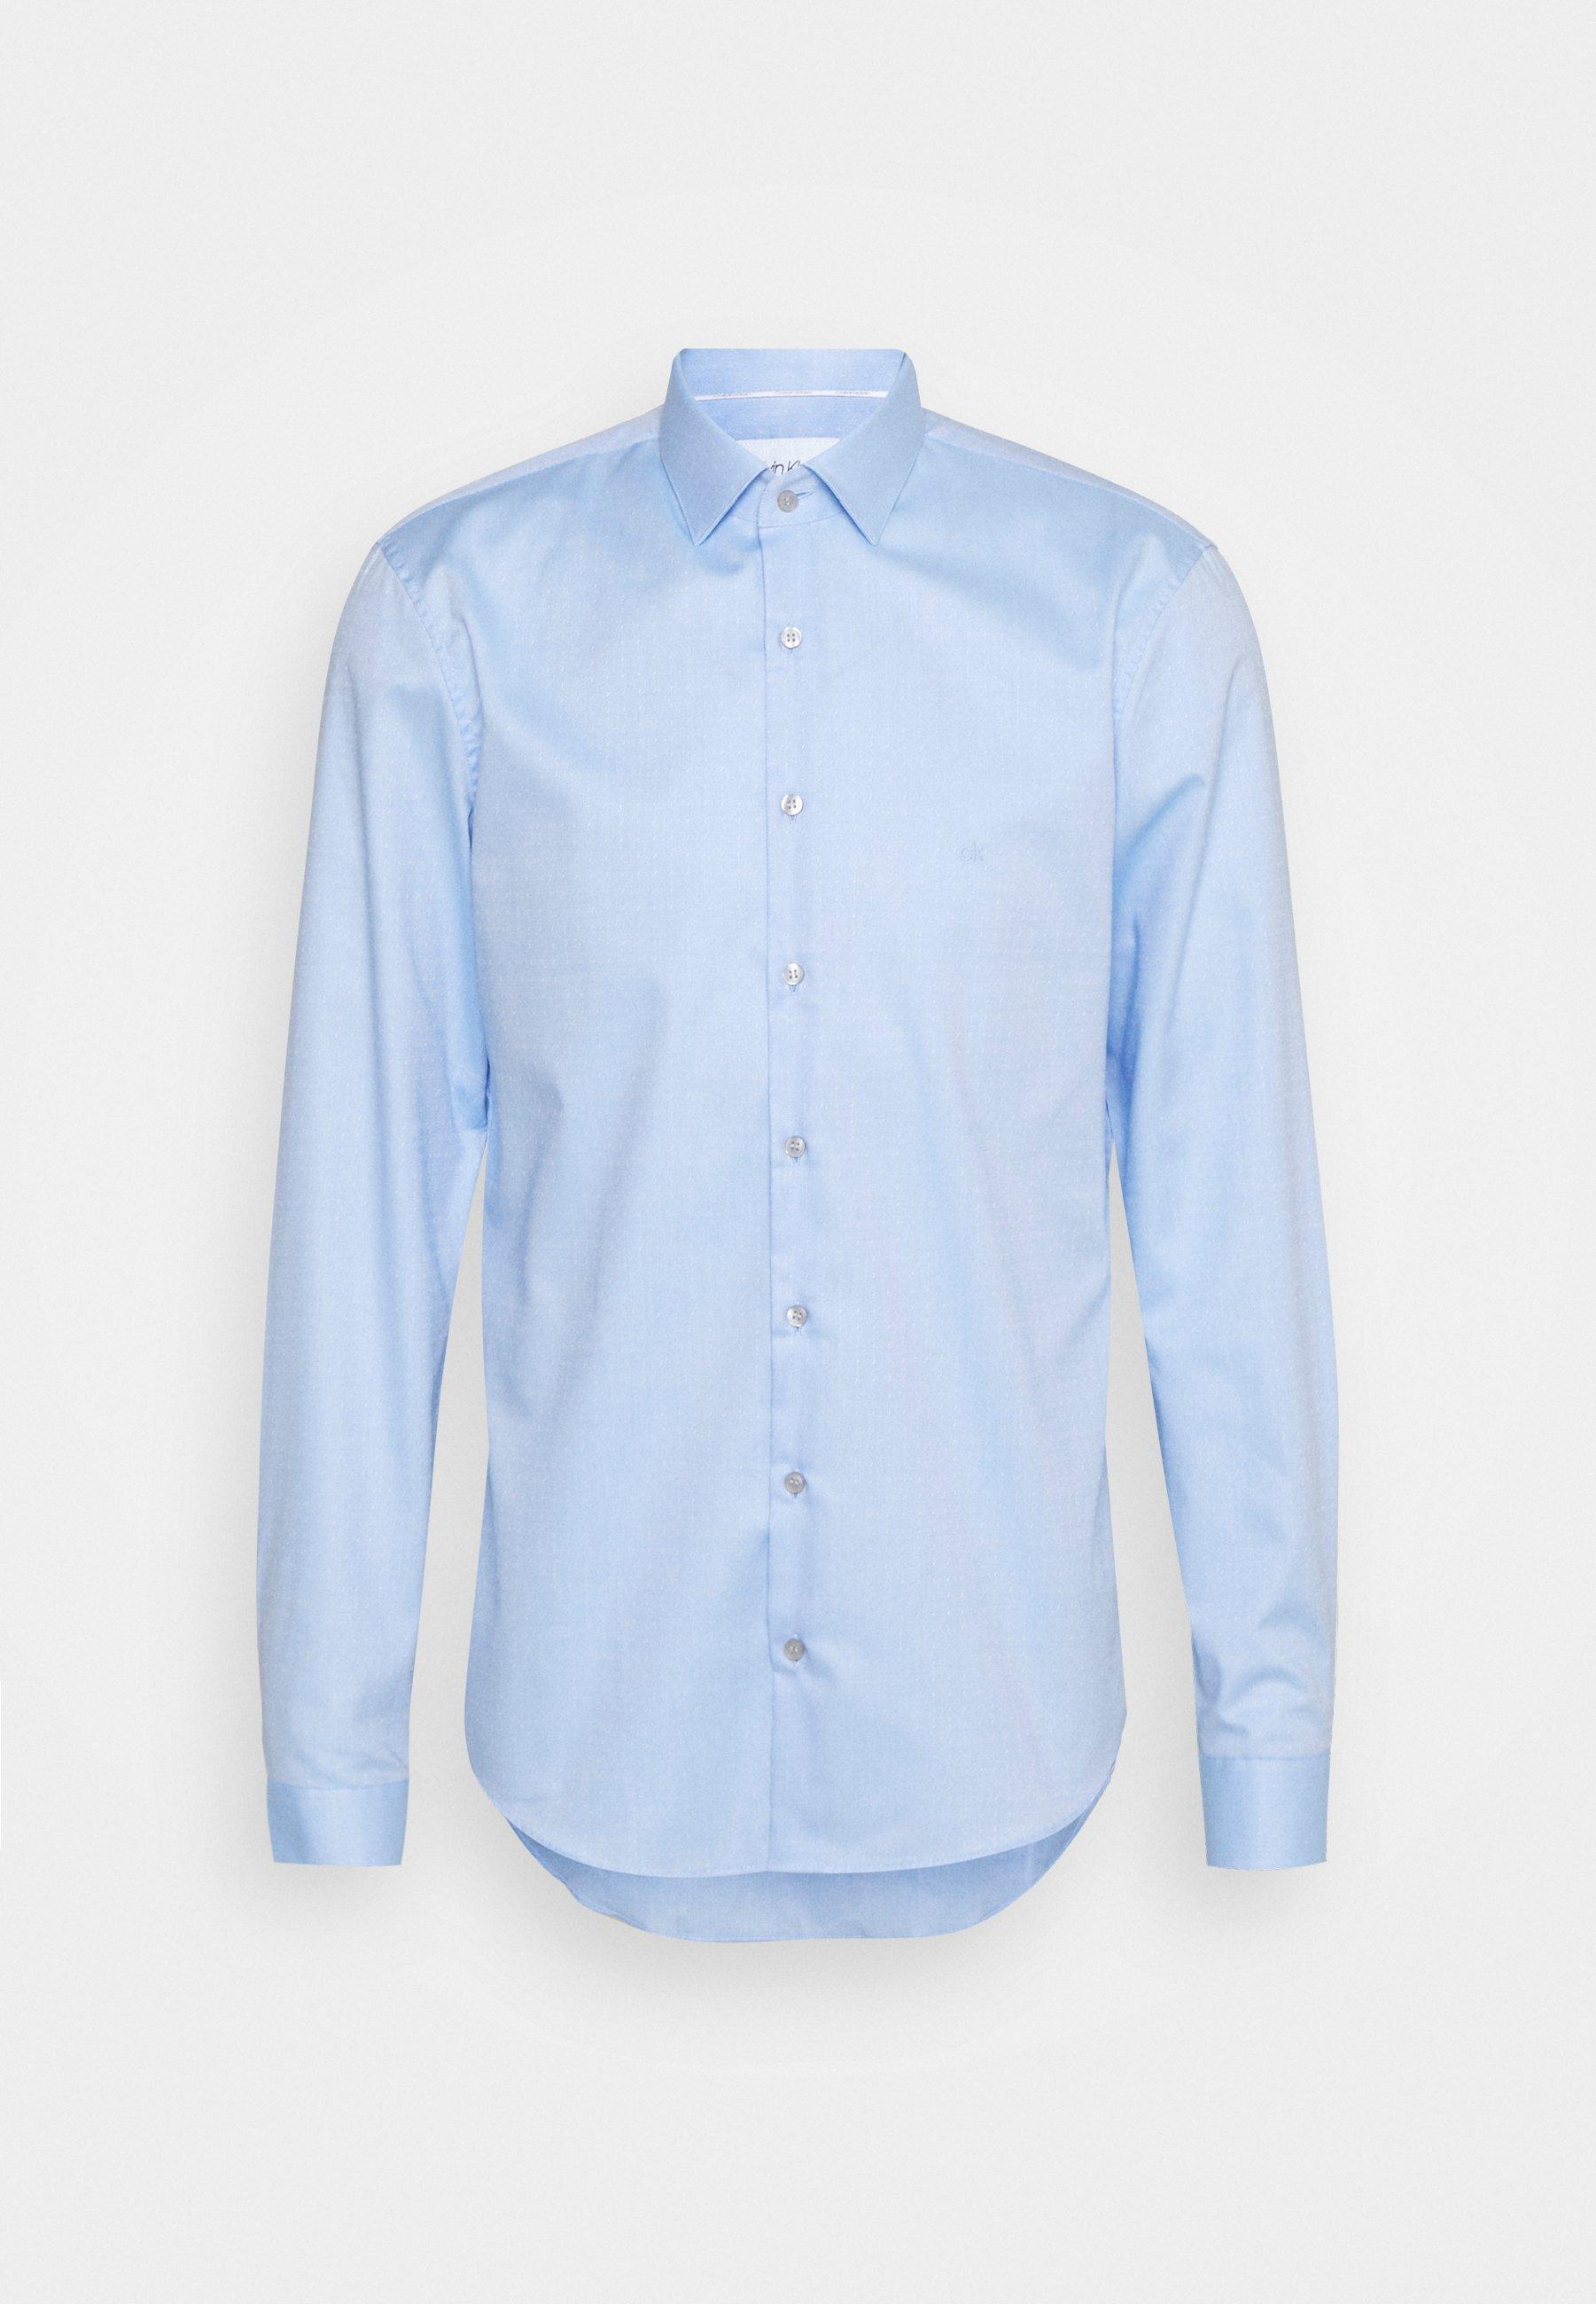 Herren DOBBY EASY CARE SLIM SHIRT - Businesshemd